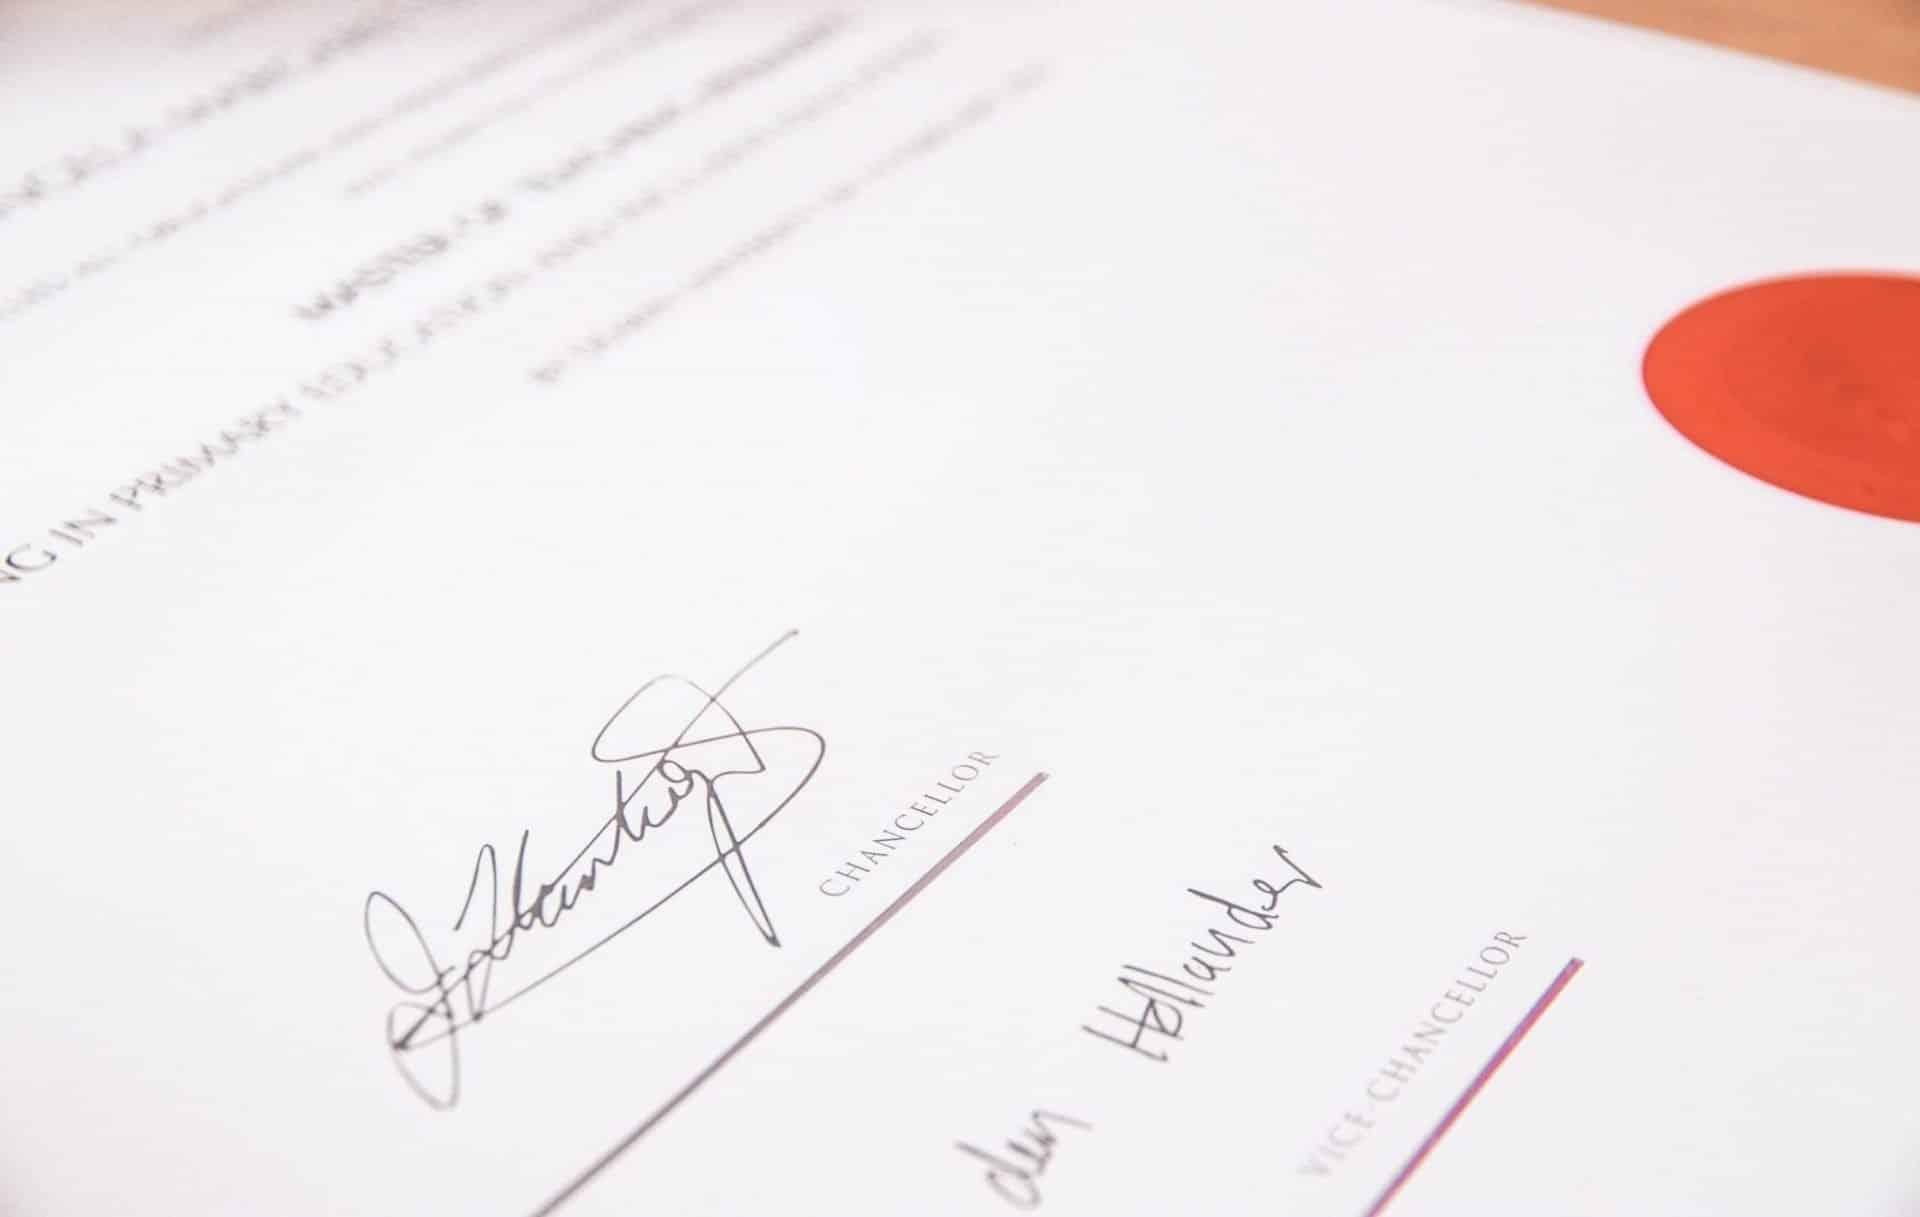 apostille on birth certificate